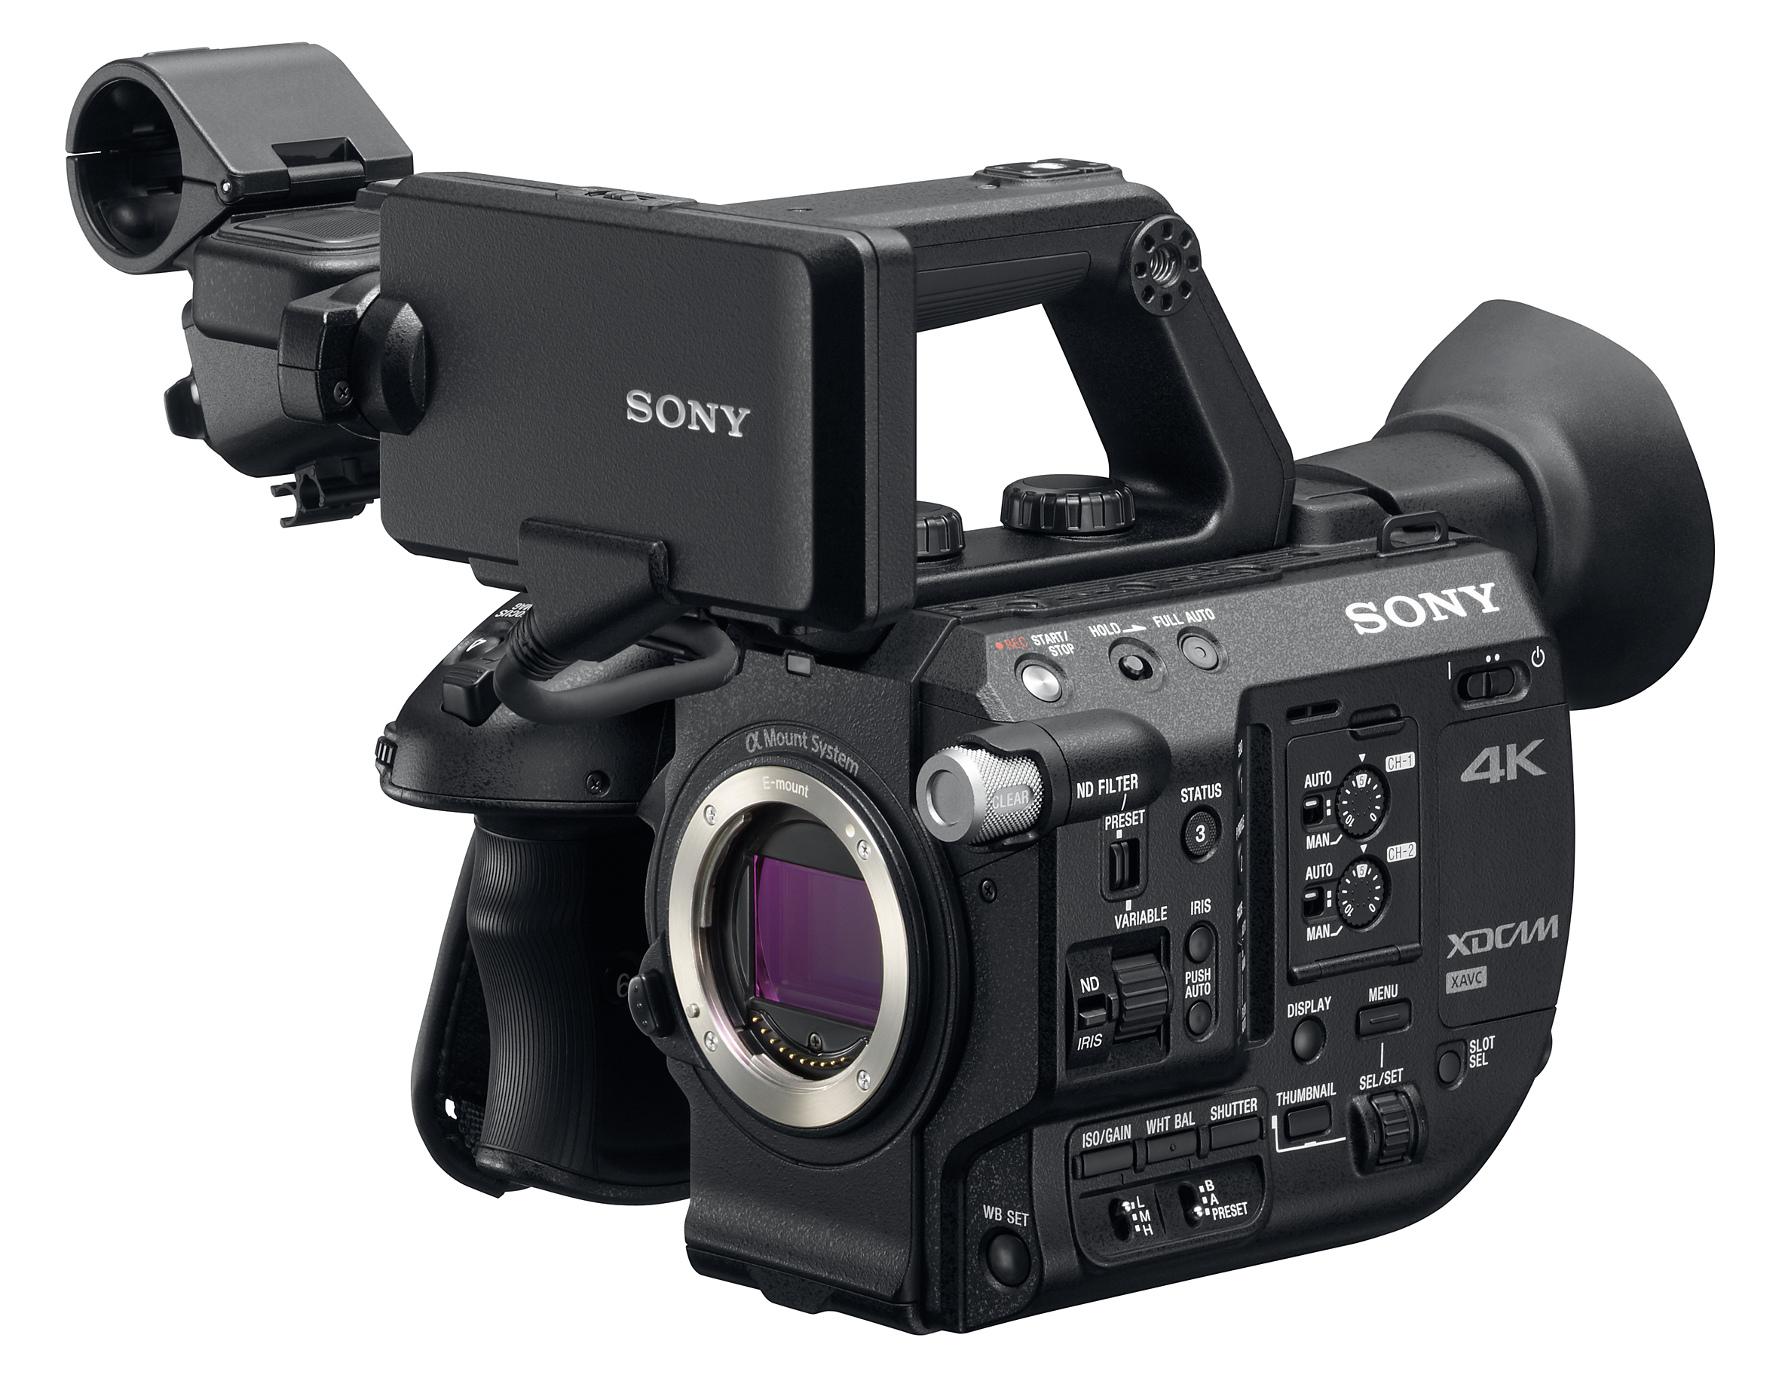 4K XDCAM Super35 Handheld Camcorder without Lens